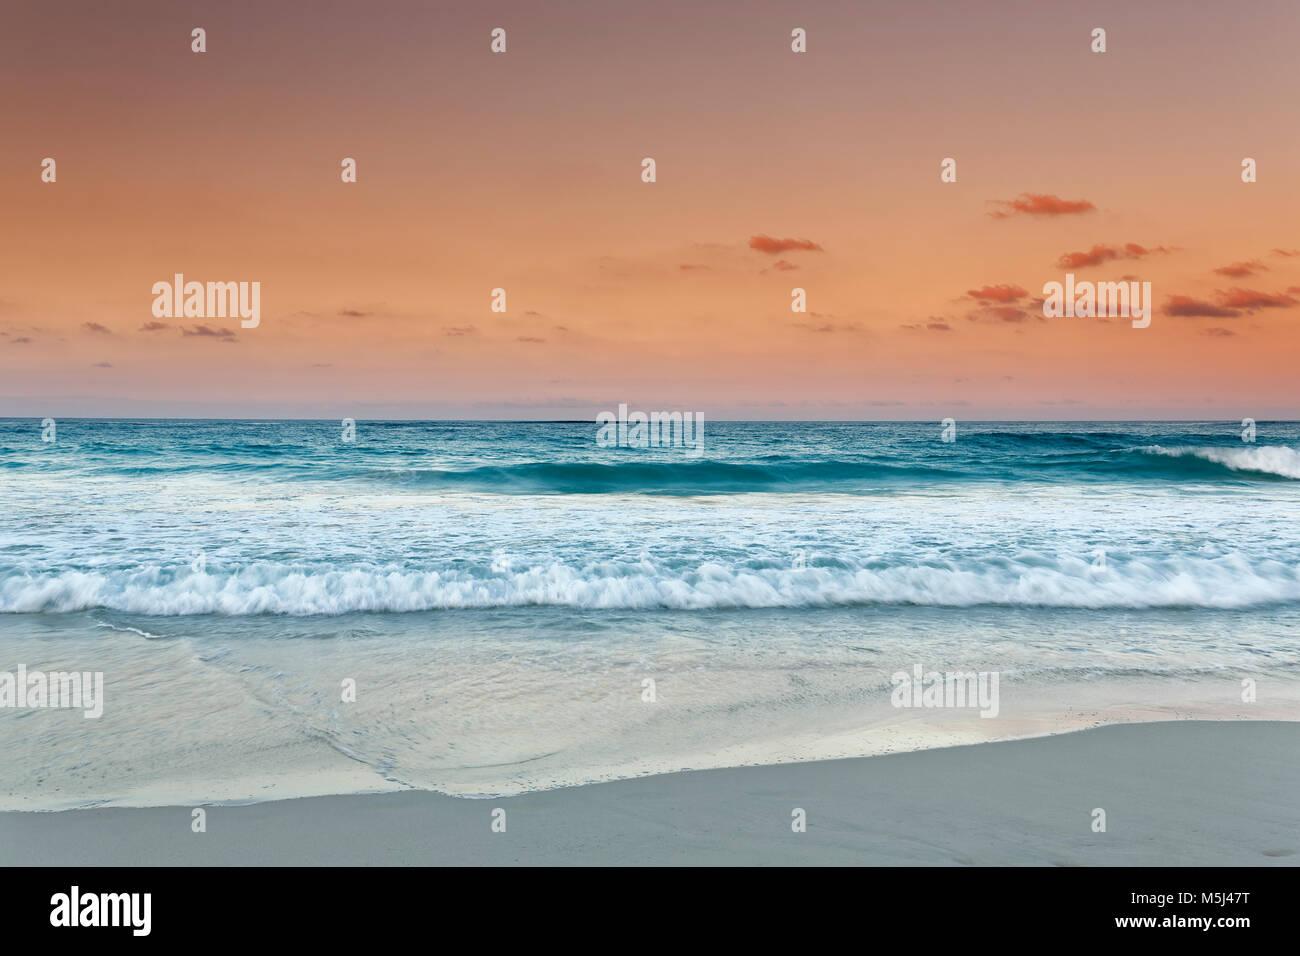 El Caribe, República Dominicana, Punta Cana, Playa Bávaro, vistas al mar al atardecer Imagen De Stock